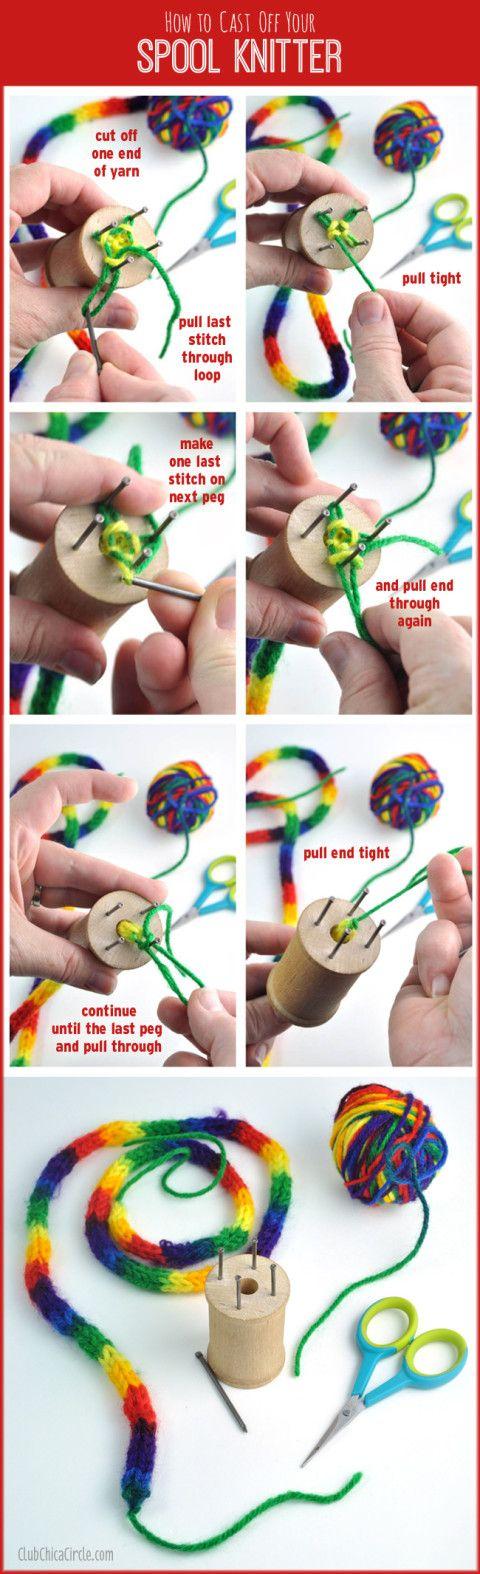 3237 best crochet images on Pinterest   Crochet bags, Crochet ...